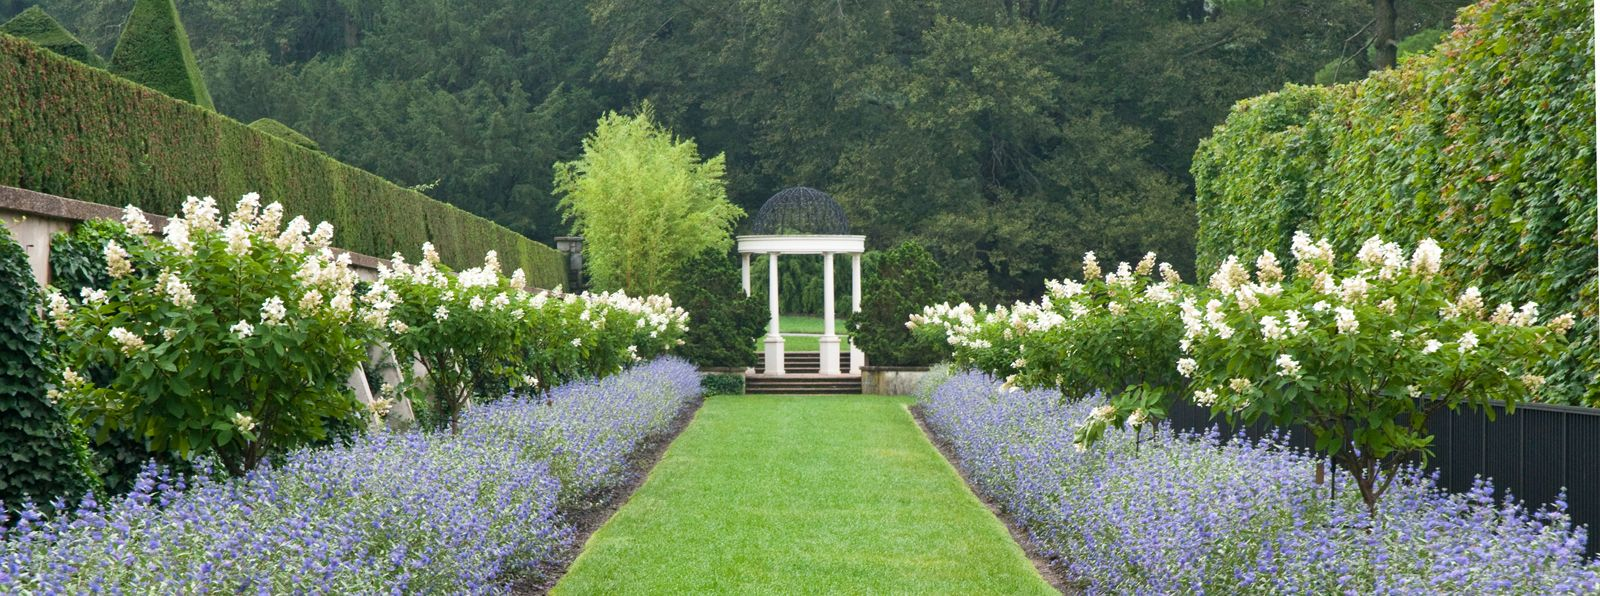 7049743cadda0c0ef5c77a90f5186dfd - How Much Is A Longwood Gardens Membership